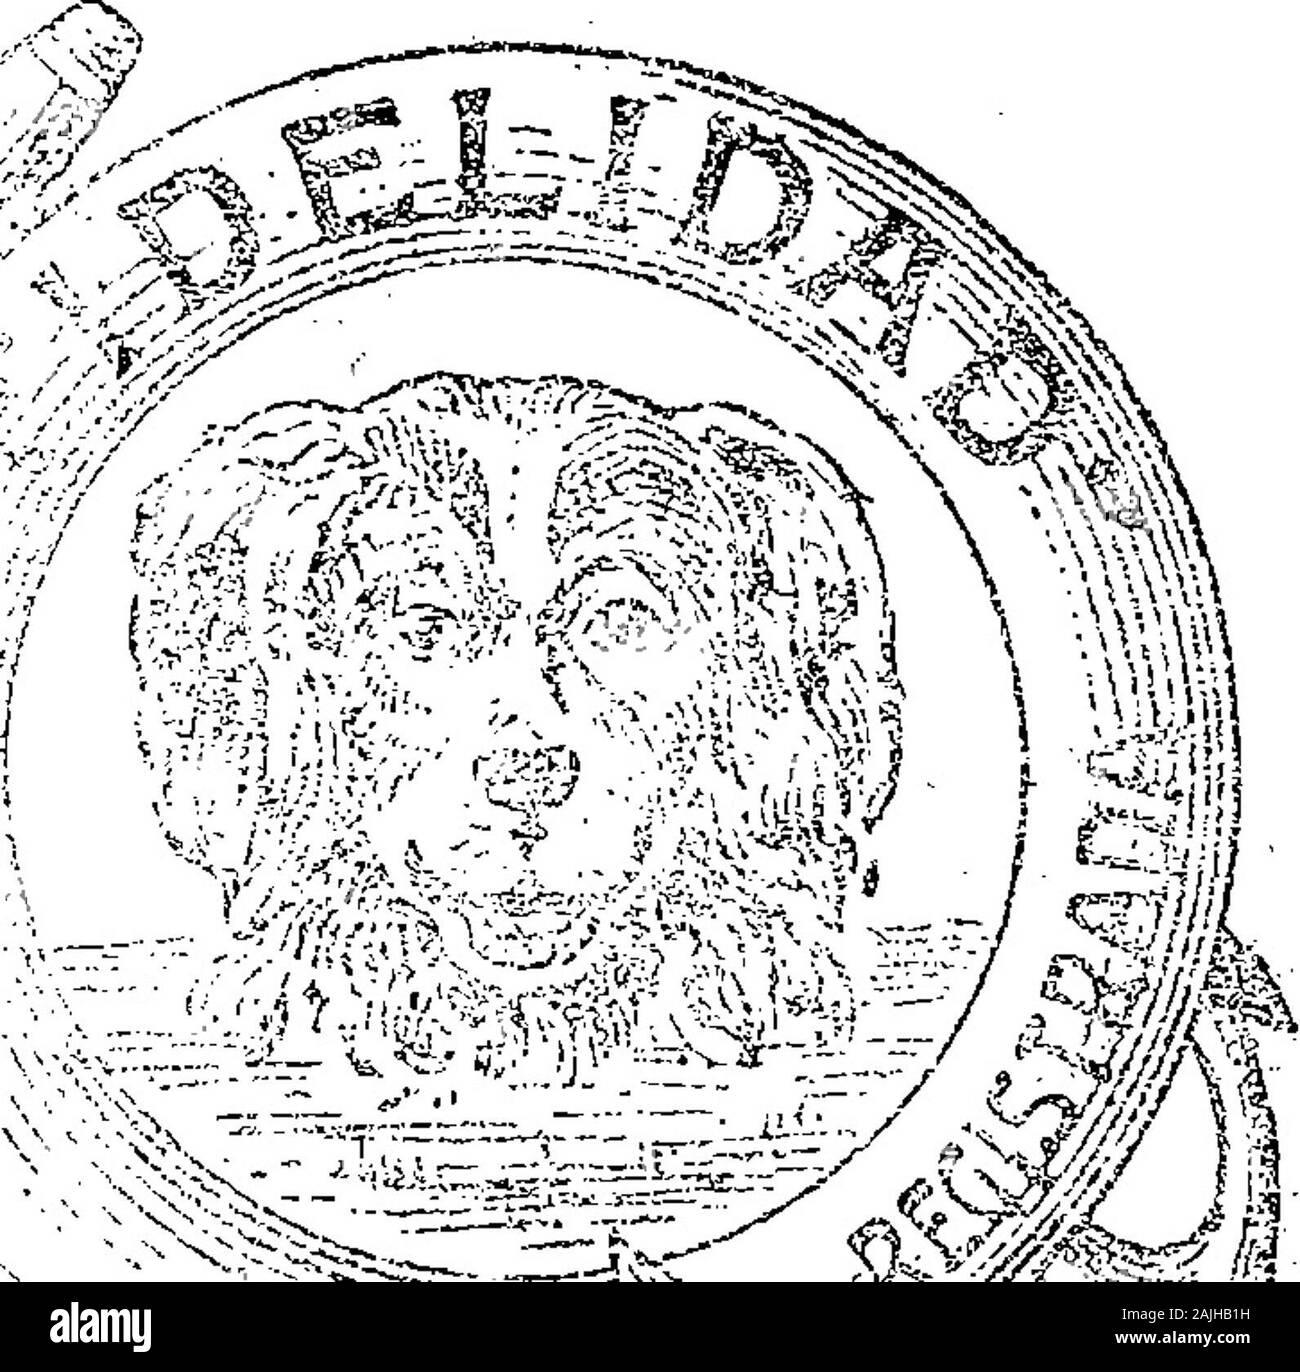 """Boletín Oficial de la República Argentina 1916 1ra sección . isAbril 14;:de 1916. - Inchauspe yC°. - Bebidas en general, no ??medici- nales, -alcohólicas,o no> -el alcohol, """"de. la.éíasé -23. ; ? . I--; yo , > v-í2S abril. El 15 de abril de 1916. .- Julio LópezgArteta y Ca. - Instrumentos y apa*ratos, musicales y sus ^ceforjos. Mó"""".sica y ;í ¡aparatos - tocadores laütomáticofcdéí Iaííla3e 7. ?; ¡ .( I &2&:abril. , LJ •i l _ I -J,, . rv?*""""^7R3!jí,^7: PWS9lS>^""""(ES) SKif? Mmm§ m BOLETÍN OFÍCIffi -;?? Buenos Aires; Viernes 28 de abril de 1916 537 7f Acta Na- 52409 /~íí. El 15 de abril de 1916. - Julio Lópe Foto de stock"""